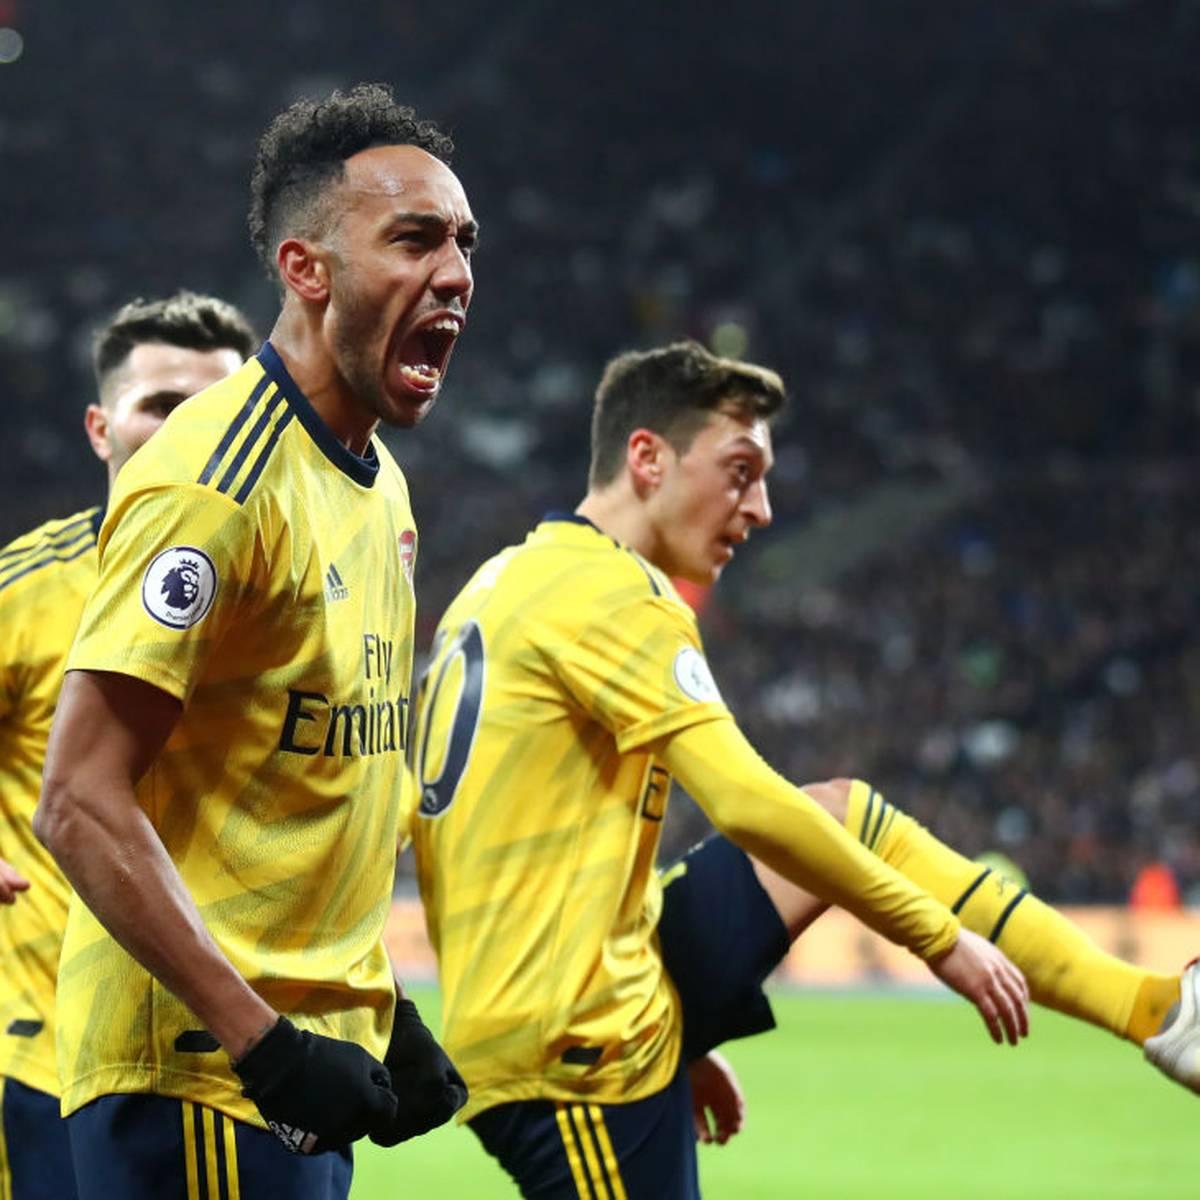 Arsenal gelingt Befreiungsschlag